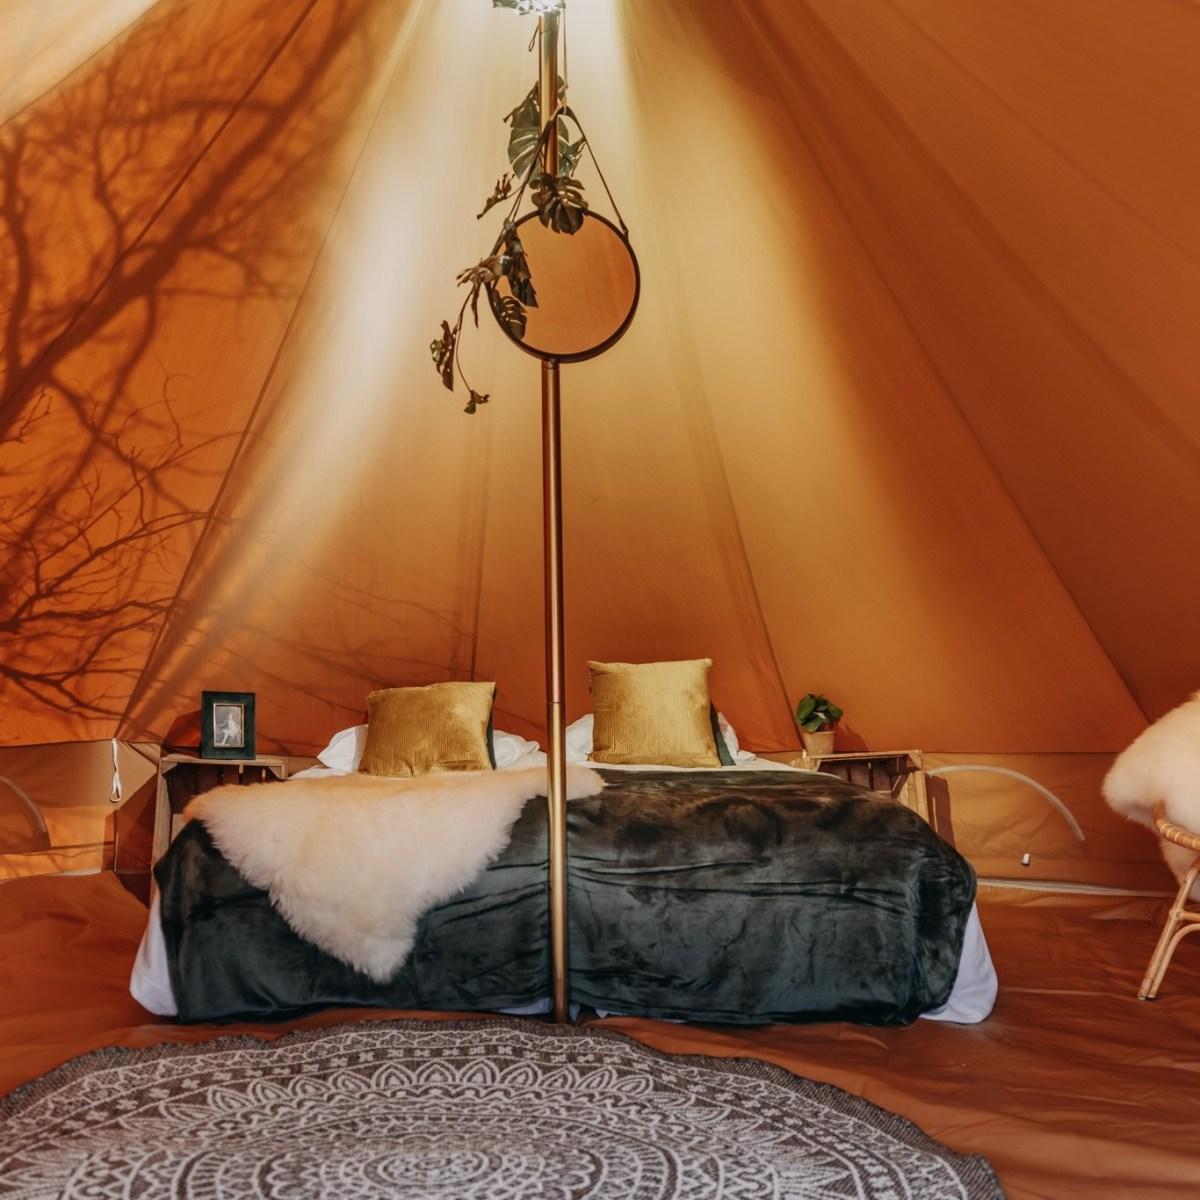 De Big Bell tent